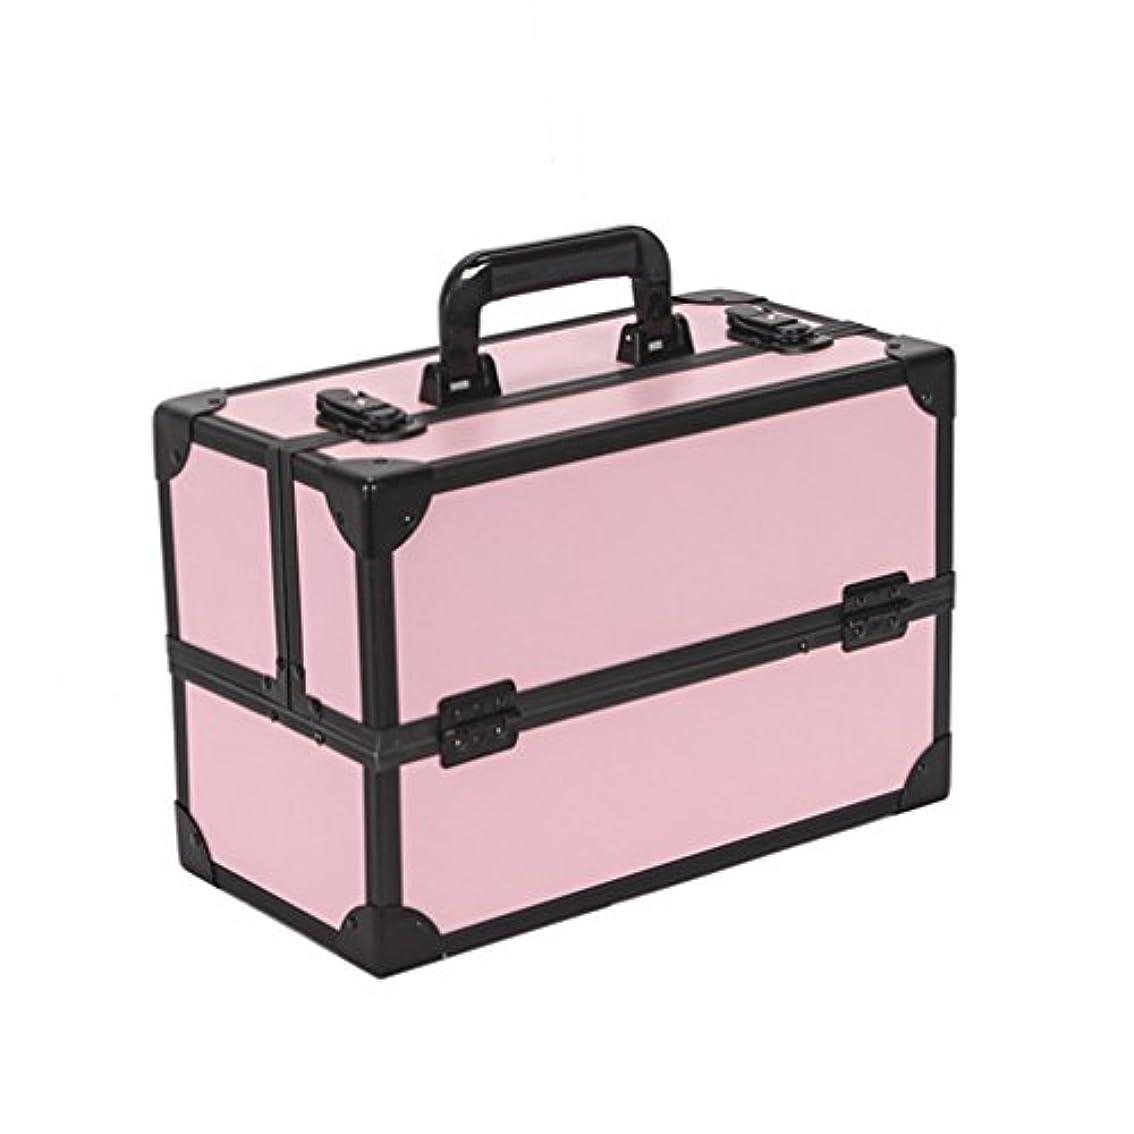 習字規制する野な{ツネユウ}メイクボックス 大容量 コスメボックス プロ用 化粧品収納 ジュエリー アクセサリー メイク道具 収納ボックス 3段収納トレイ 携帯ハンドル付 メイクブラシ 収納力抜群 かわいい ピンク